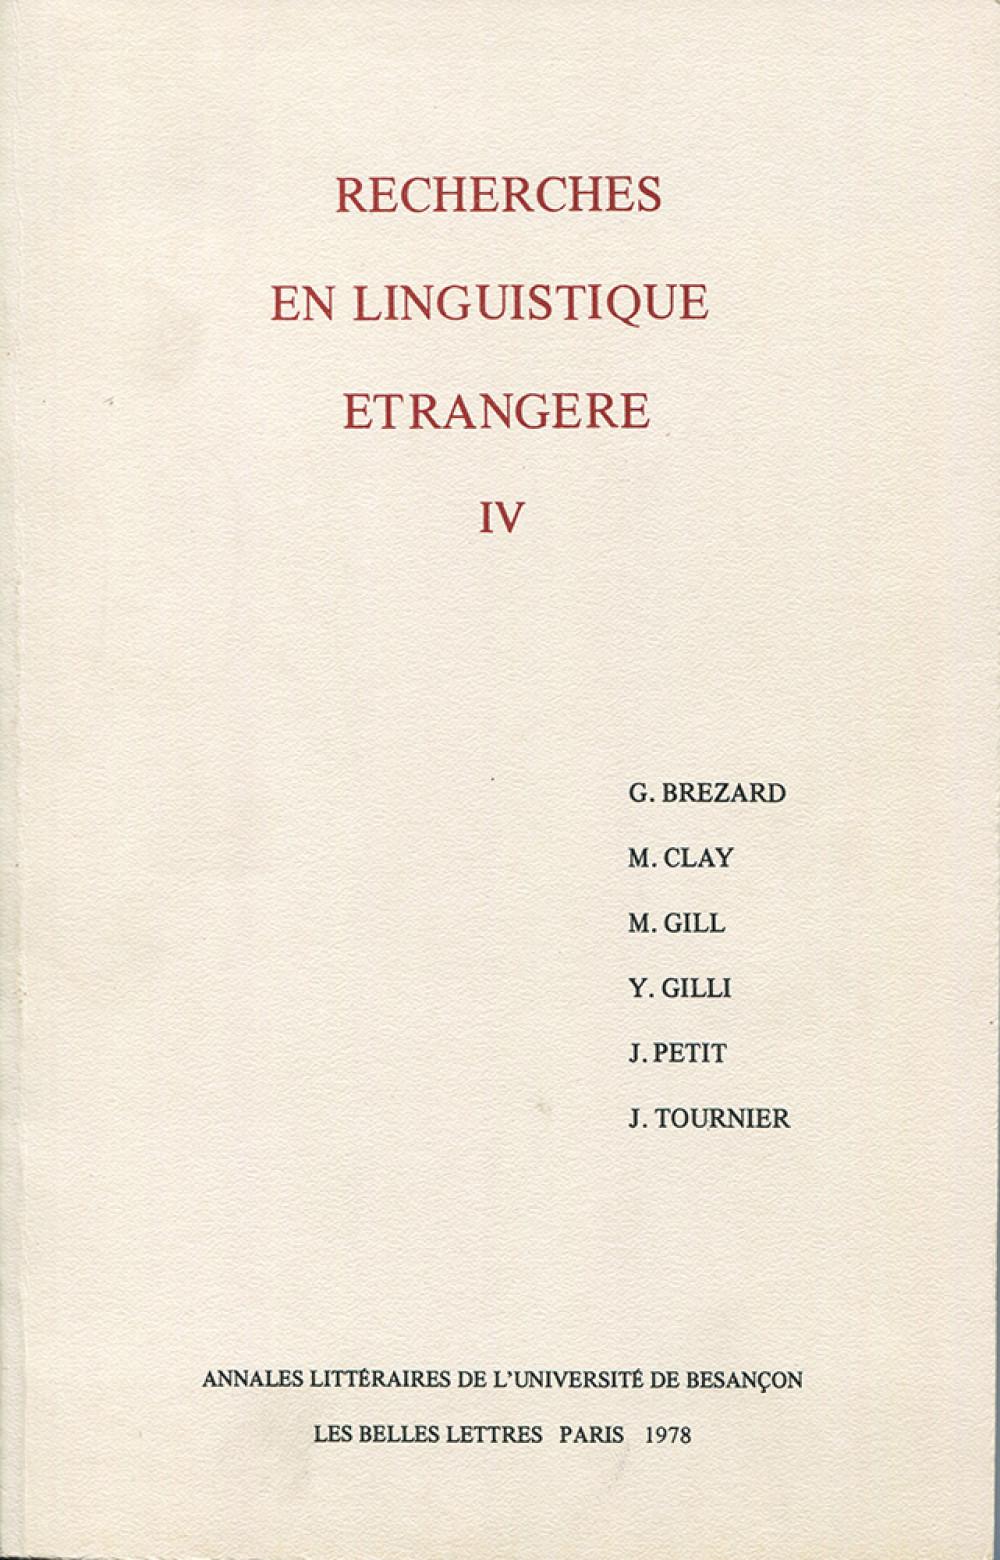 Recherches en linguistique étrangère IV